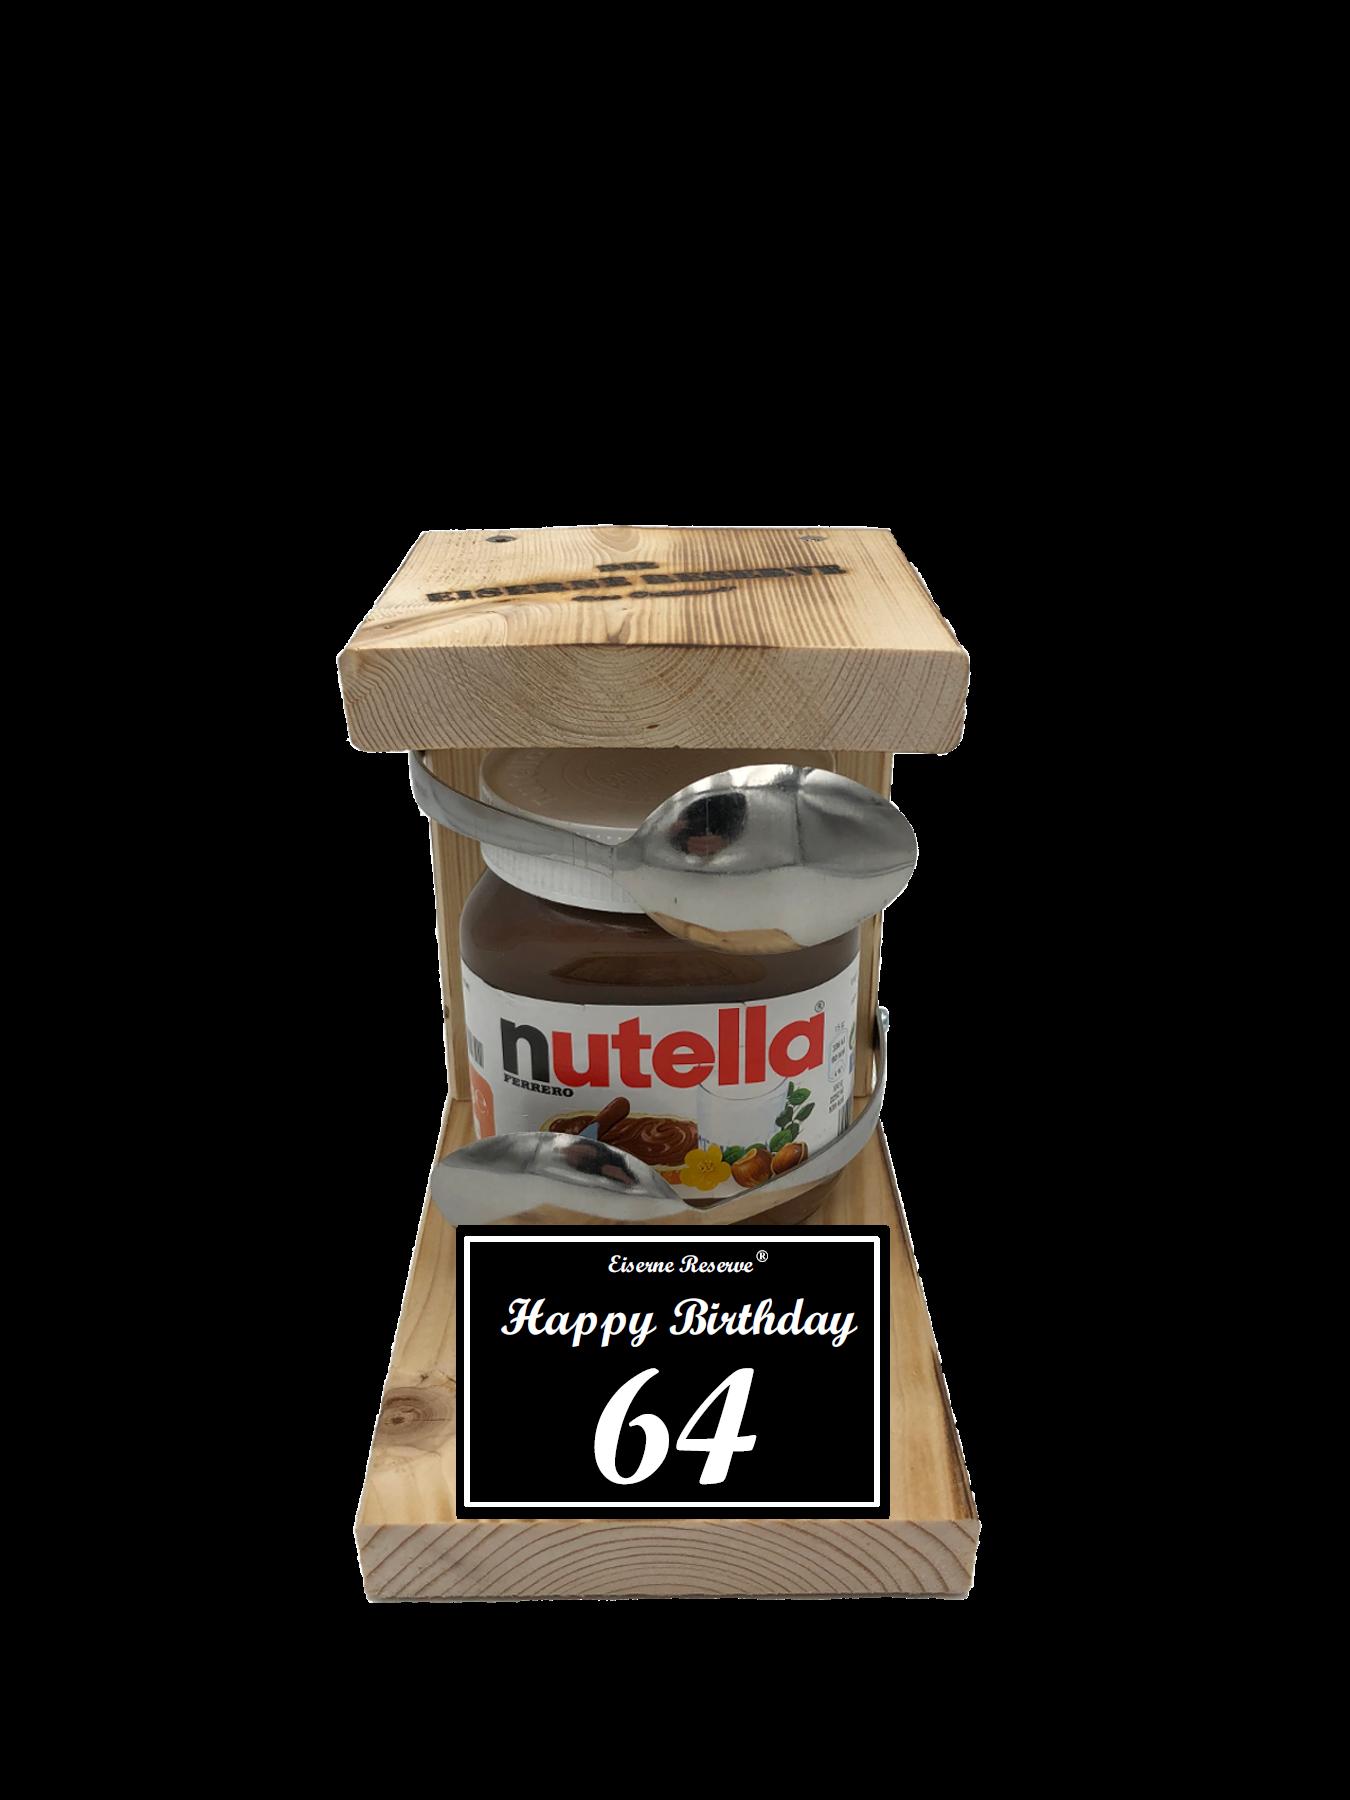 64 Happy Birthday Löffel Nutella Geschenk - Die Nutella Geschenkidee